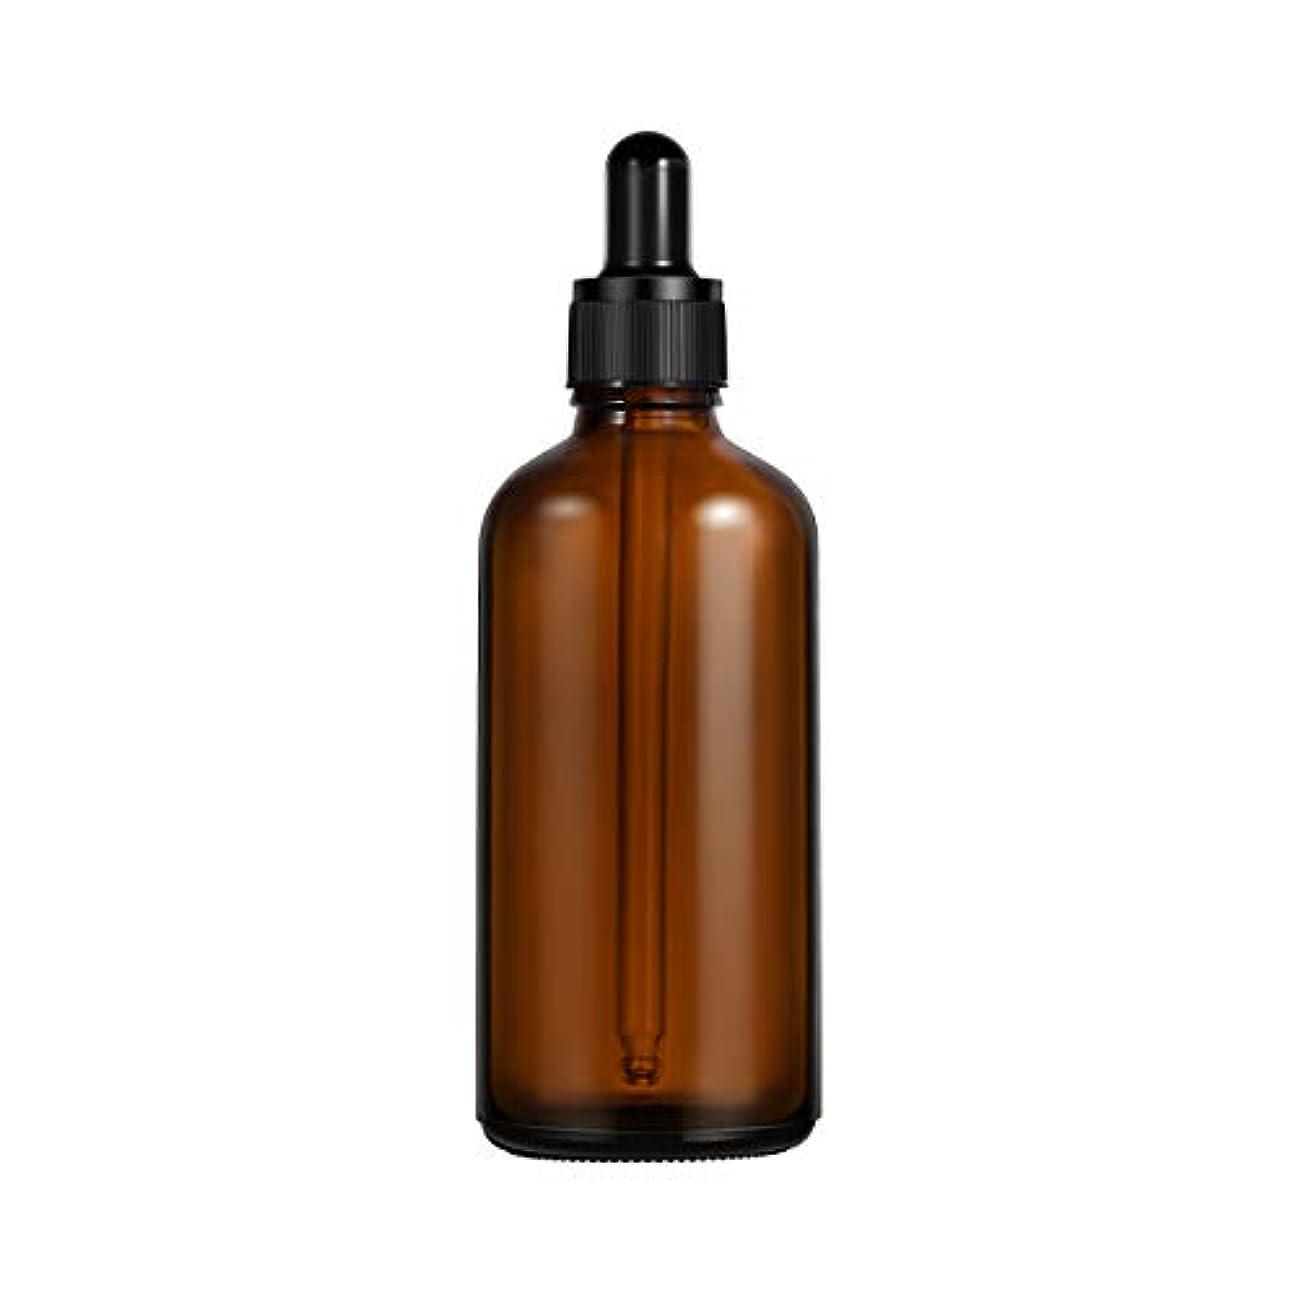 気づく実験をするであるFrcolor 遮光瓶 スポイト遮光瓶 100ml アロマボトル 保存容器 スポイト付き エッセンシャルオイル 香水 保存用 詰替え(ガラス 茶色)